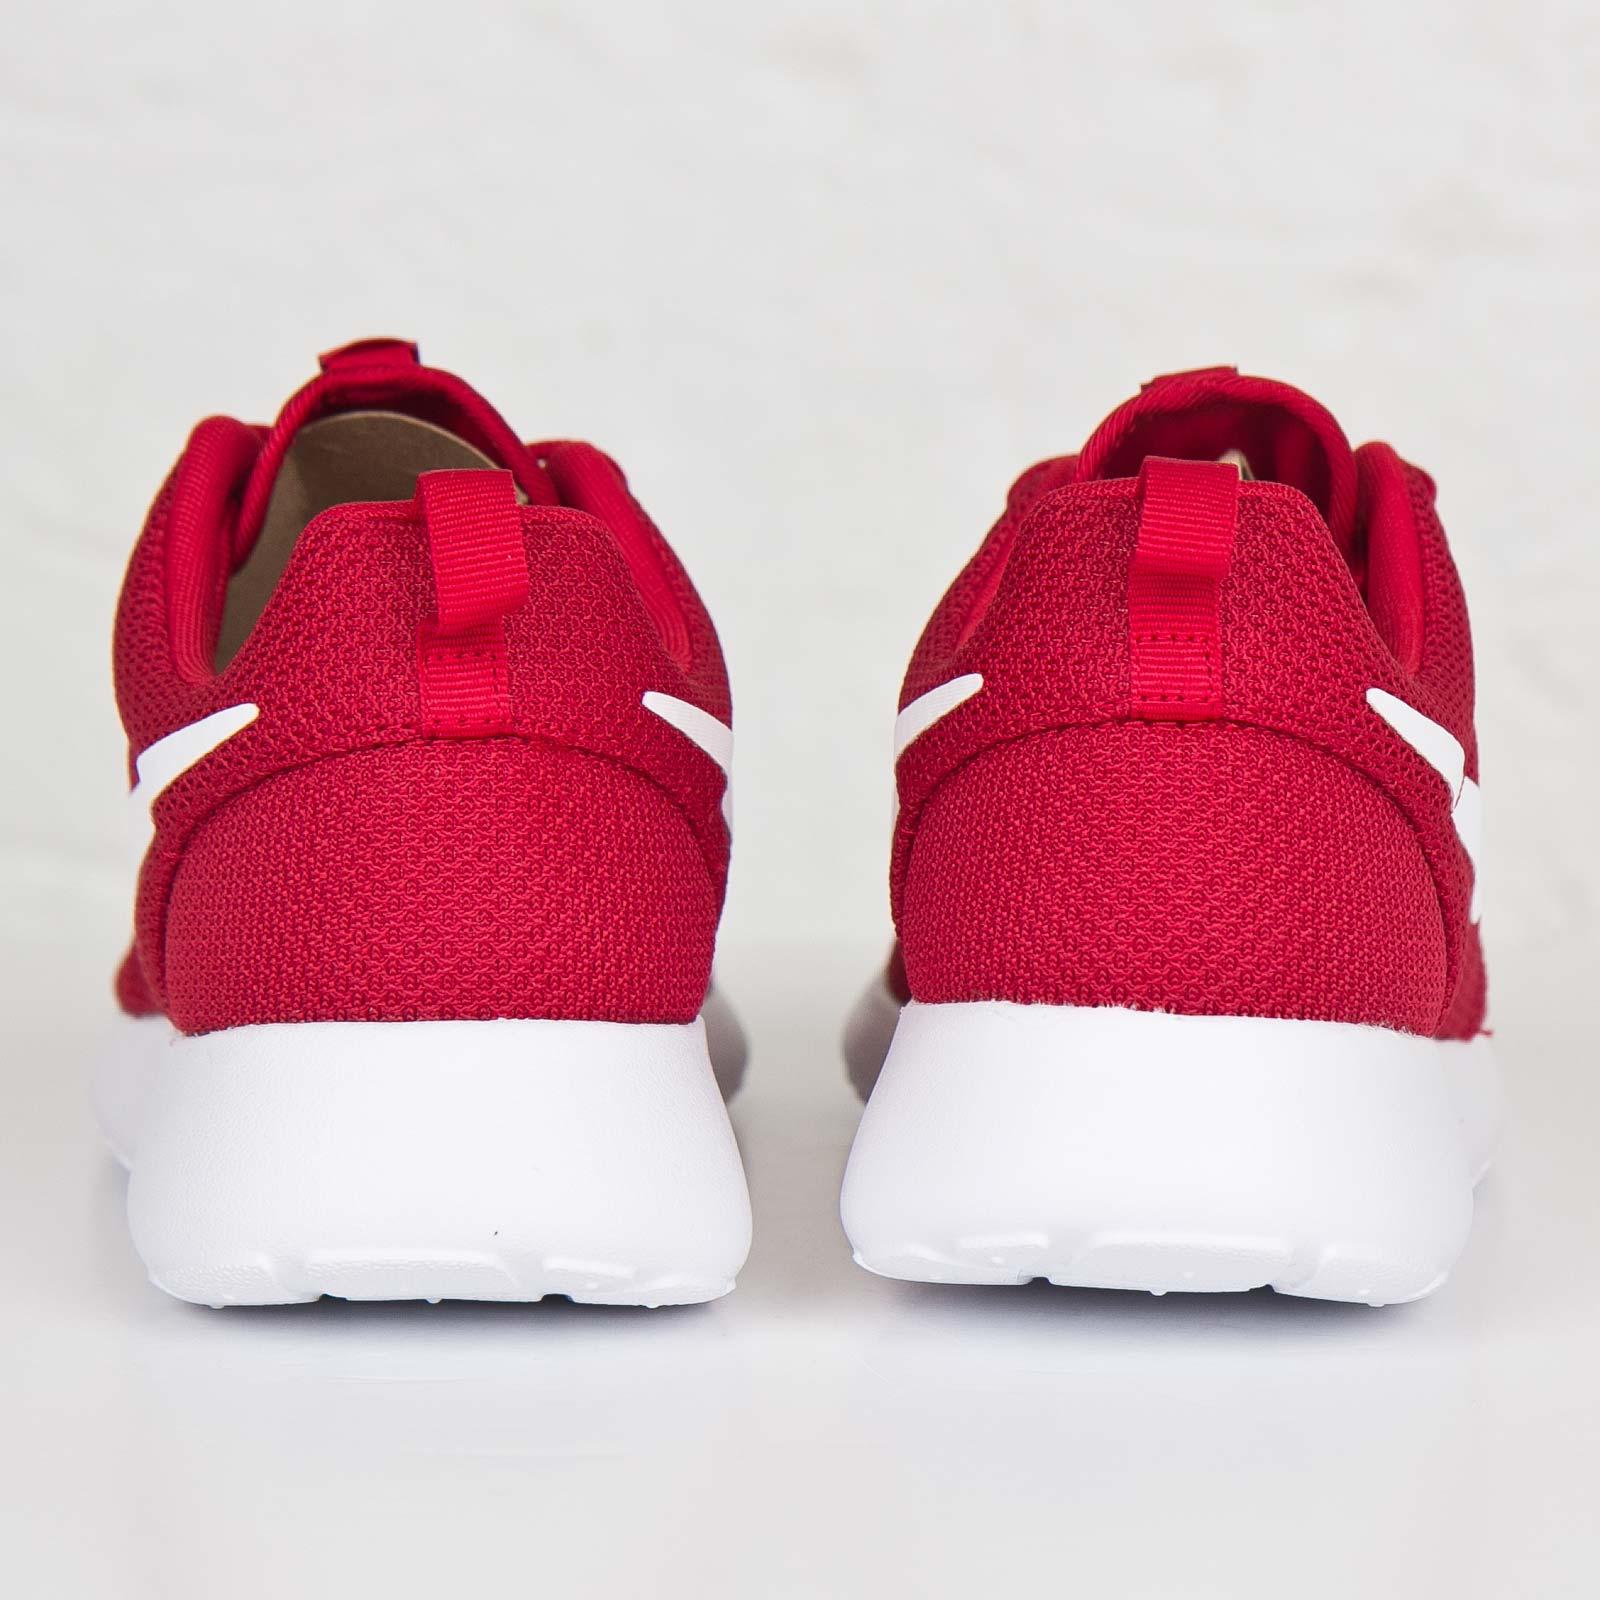 72f823def5c5 Nike Roshe One - 511881-612 - Sneakersnstuff